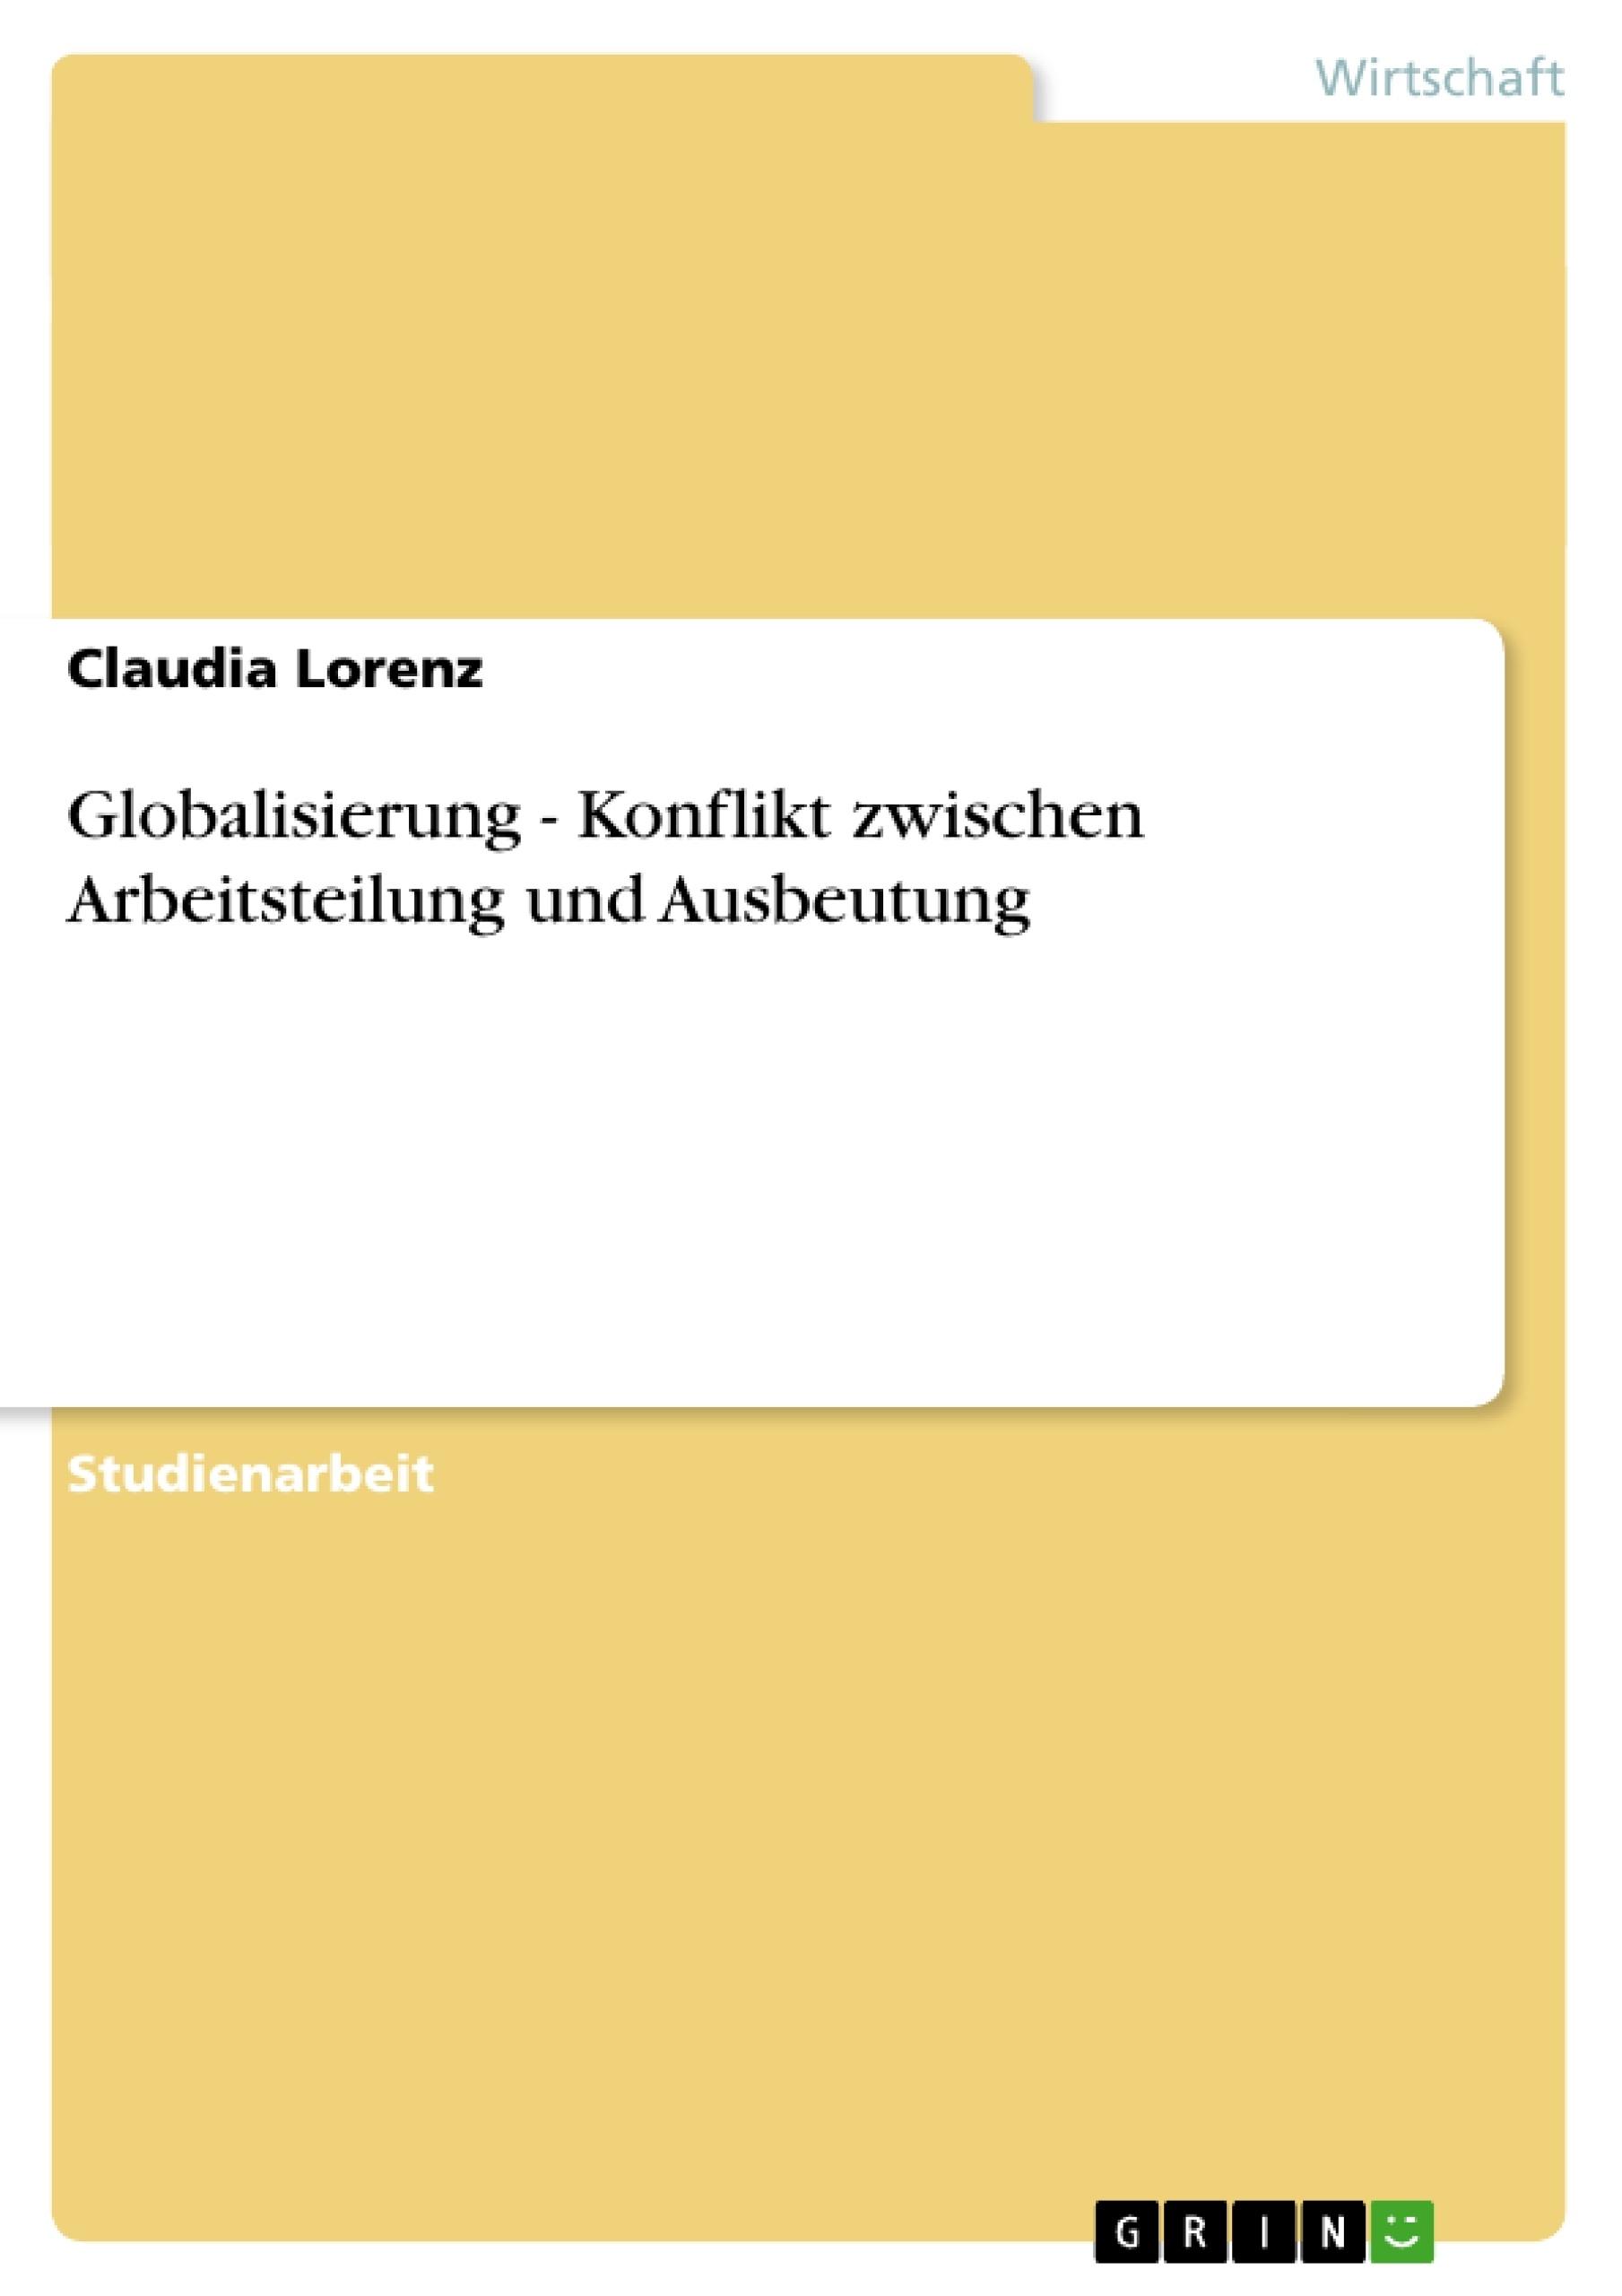 Titel: Globalisierung - Konflikt zwischen Arbeitsteilung und Ausbeutung